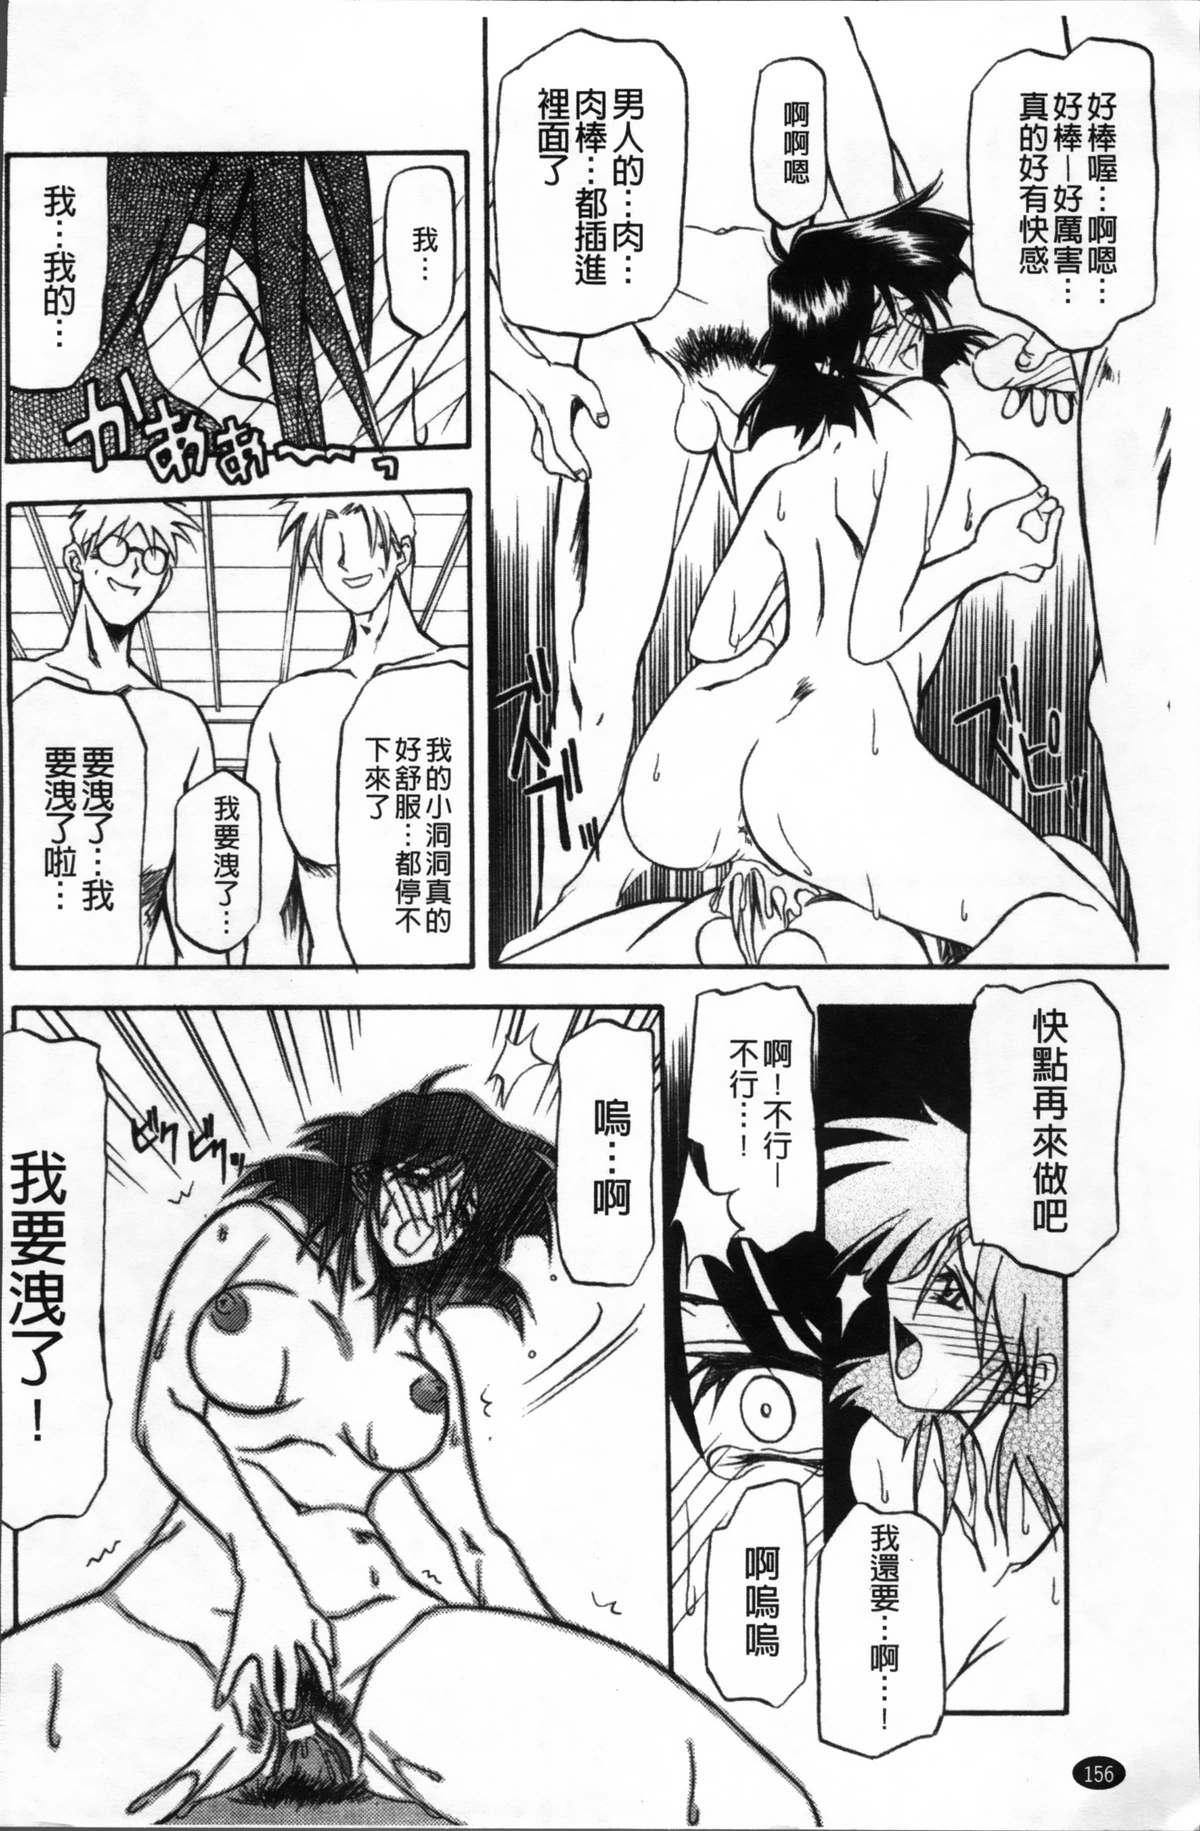 Hiiro no Koku Kanzenban   緋色之刻 完全版 159